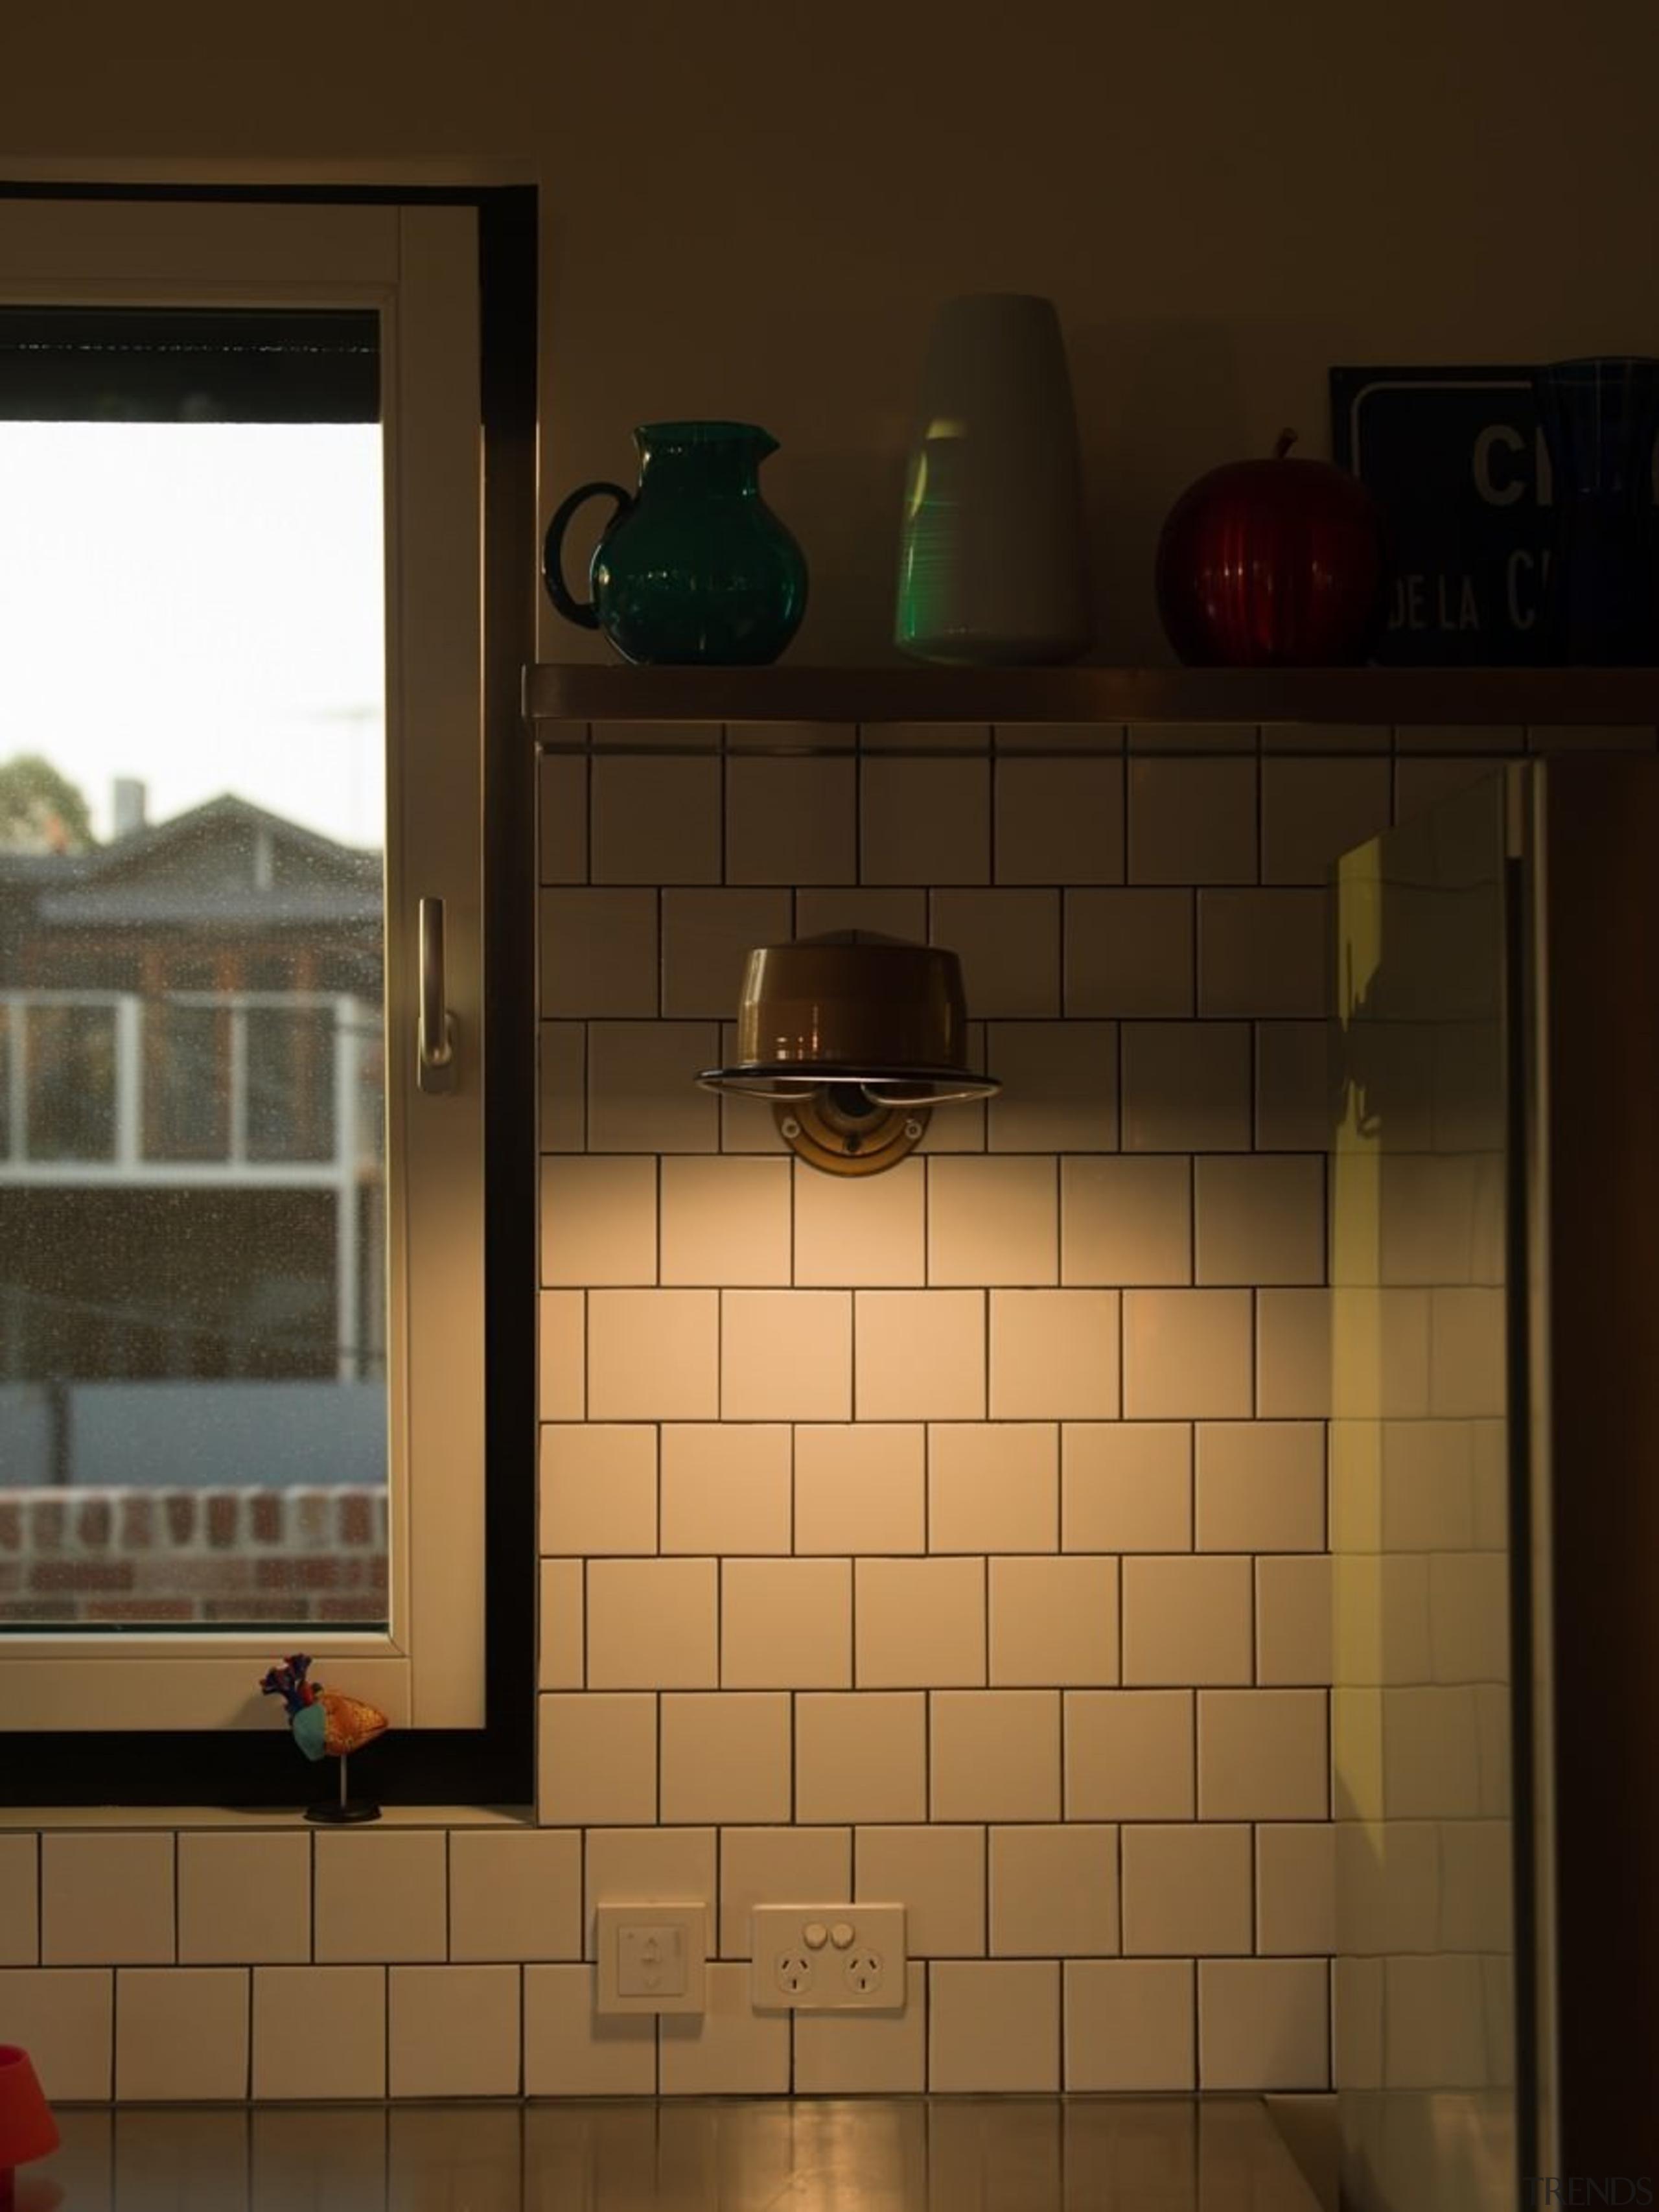 White tiles create a diner-like splashback - White house, light, light fixture, lighting, wall, window, wood, brown